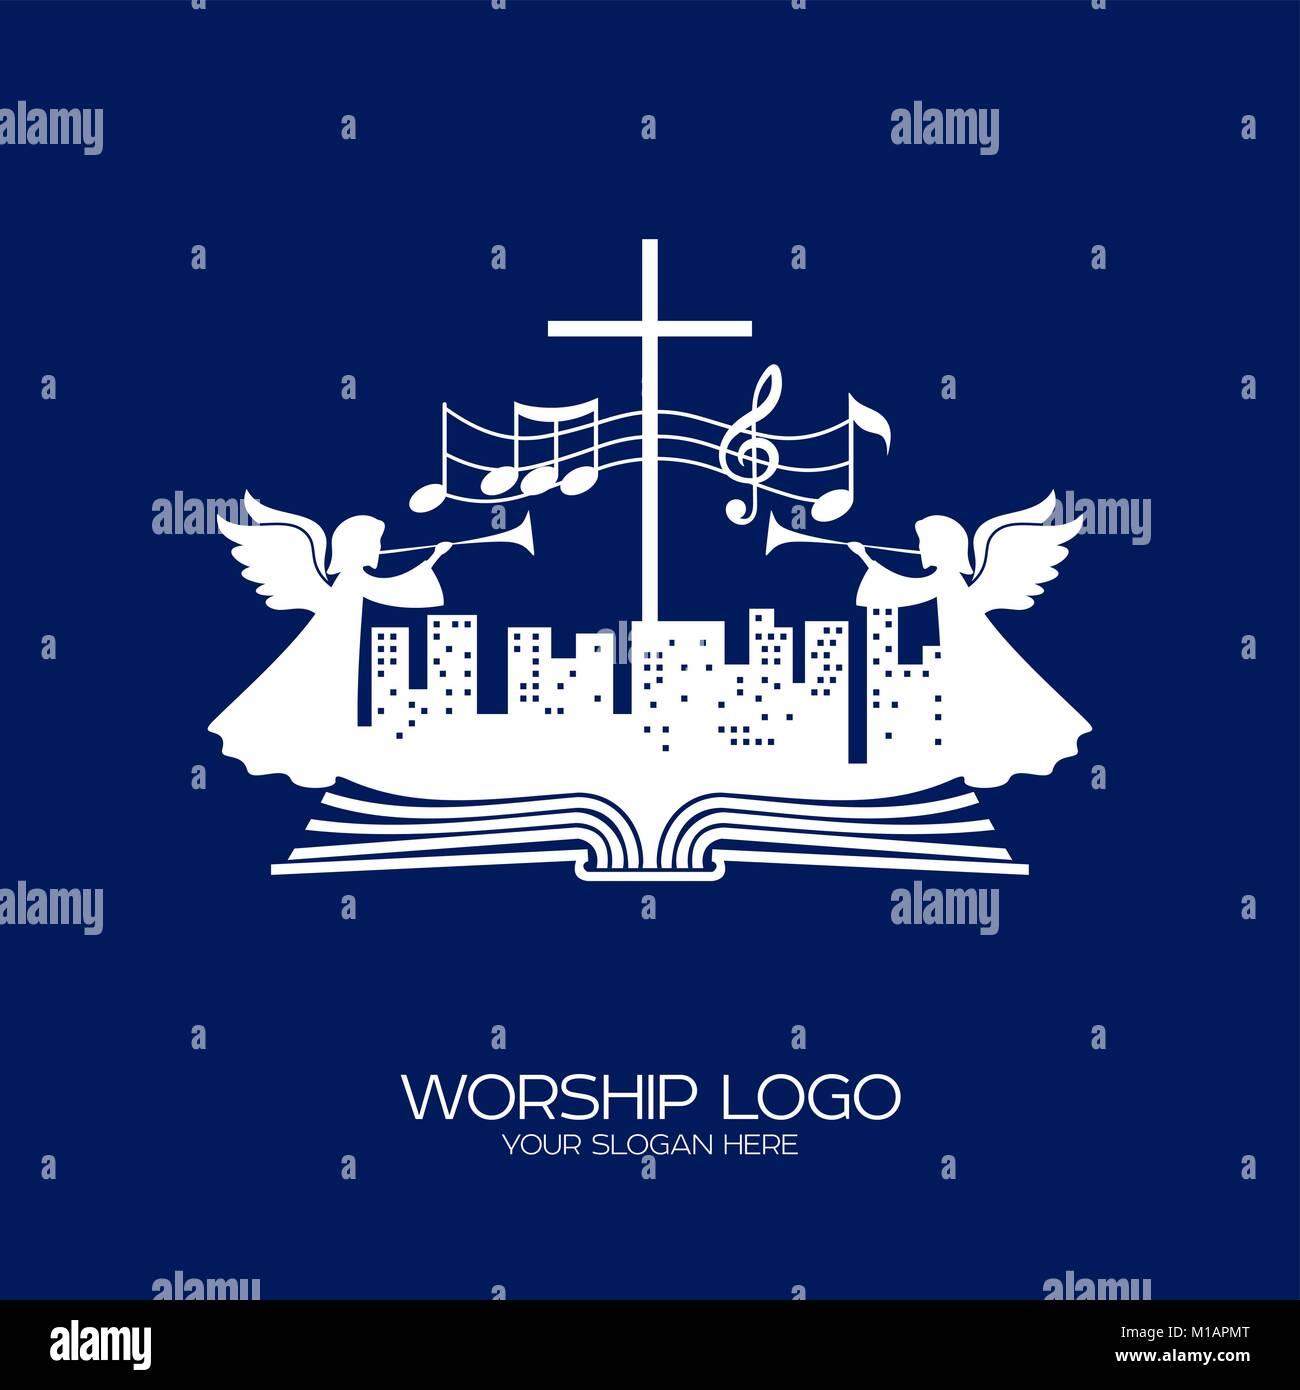 Logo de la musique. Symboles chrétiens. Les gens de toutes les nations et nationalités de chanter une chanson d'adoration de Dieu. Illustration de Vecteur